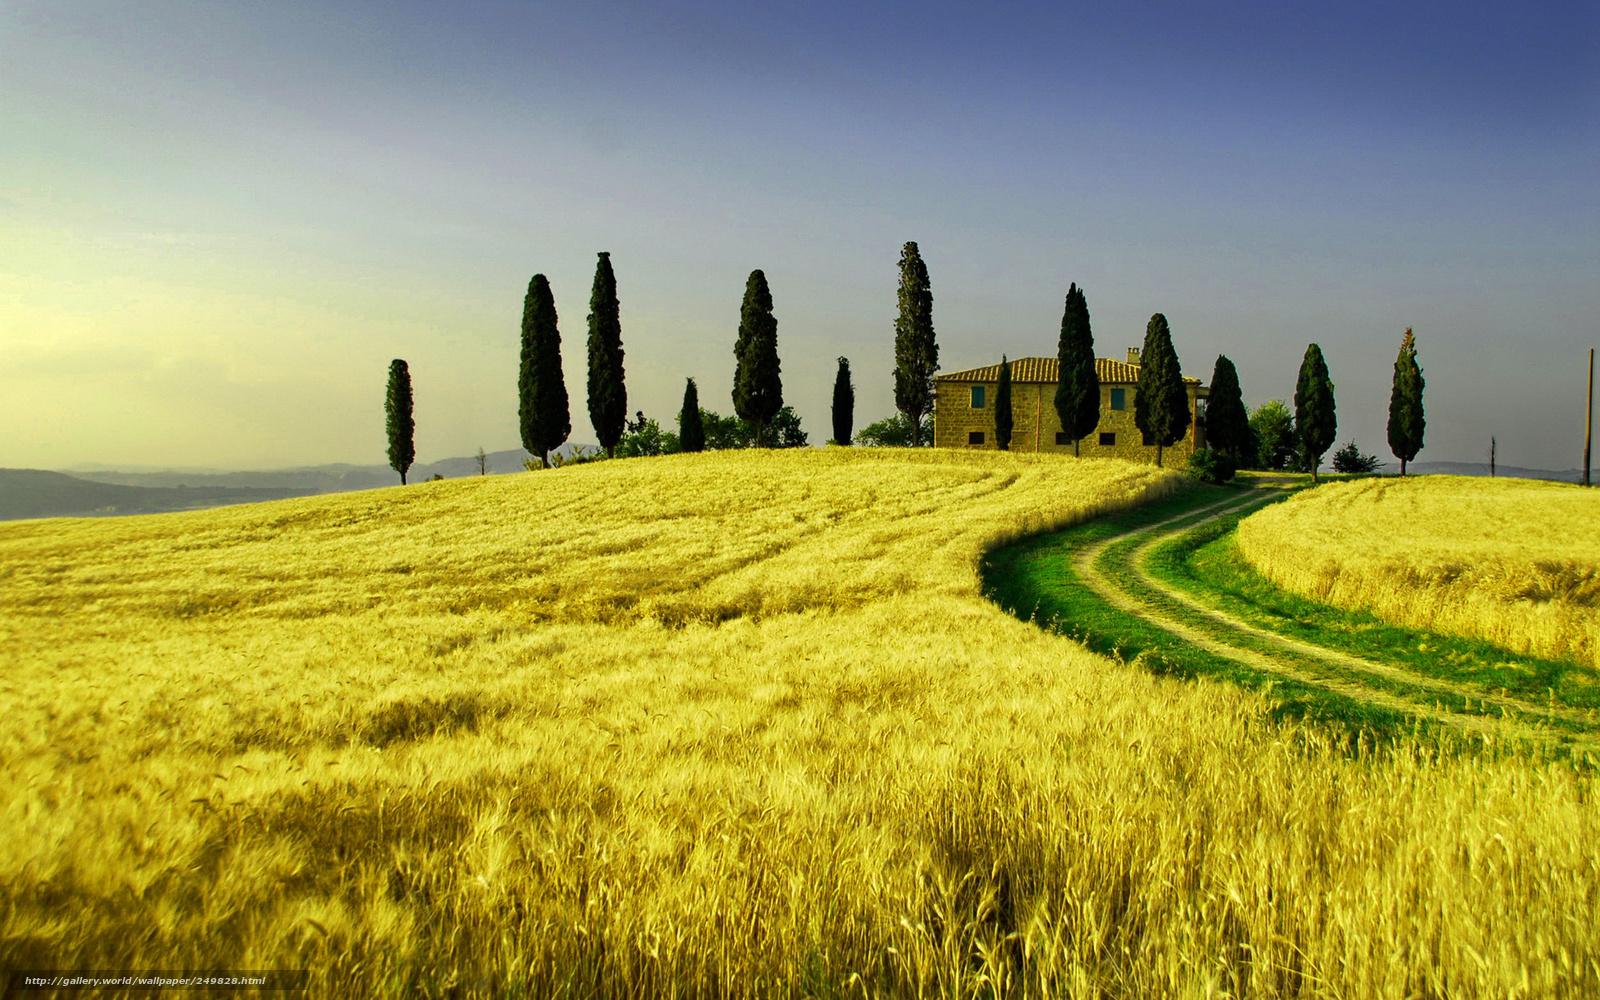 Scaricare gli sfondi natura italia toscana campo sfondi for Immagini per desktop natura